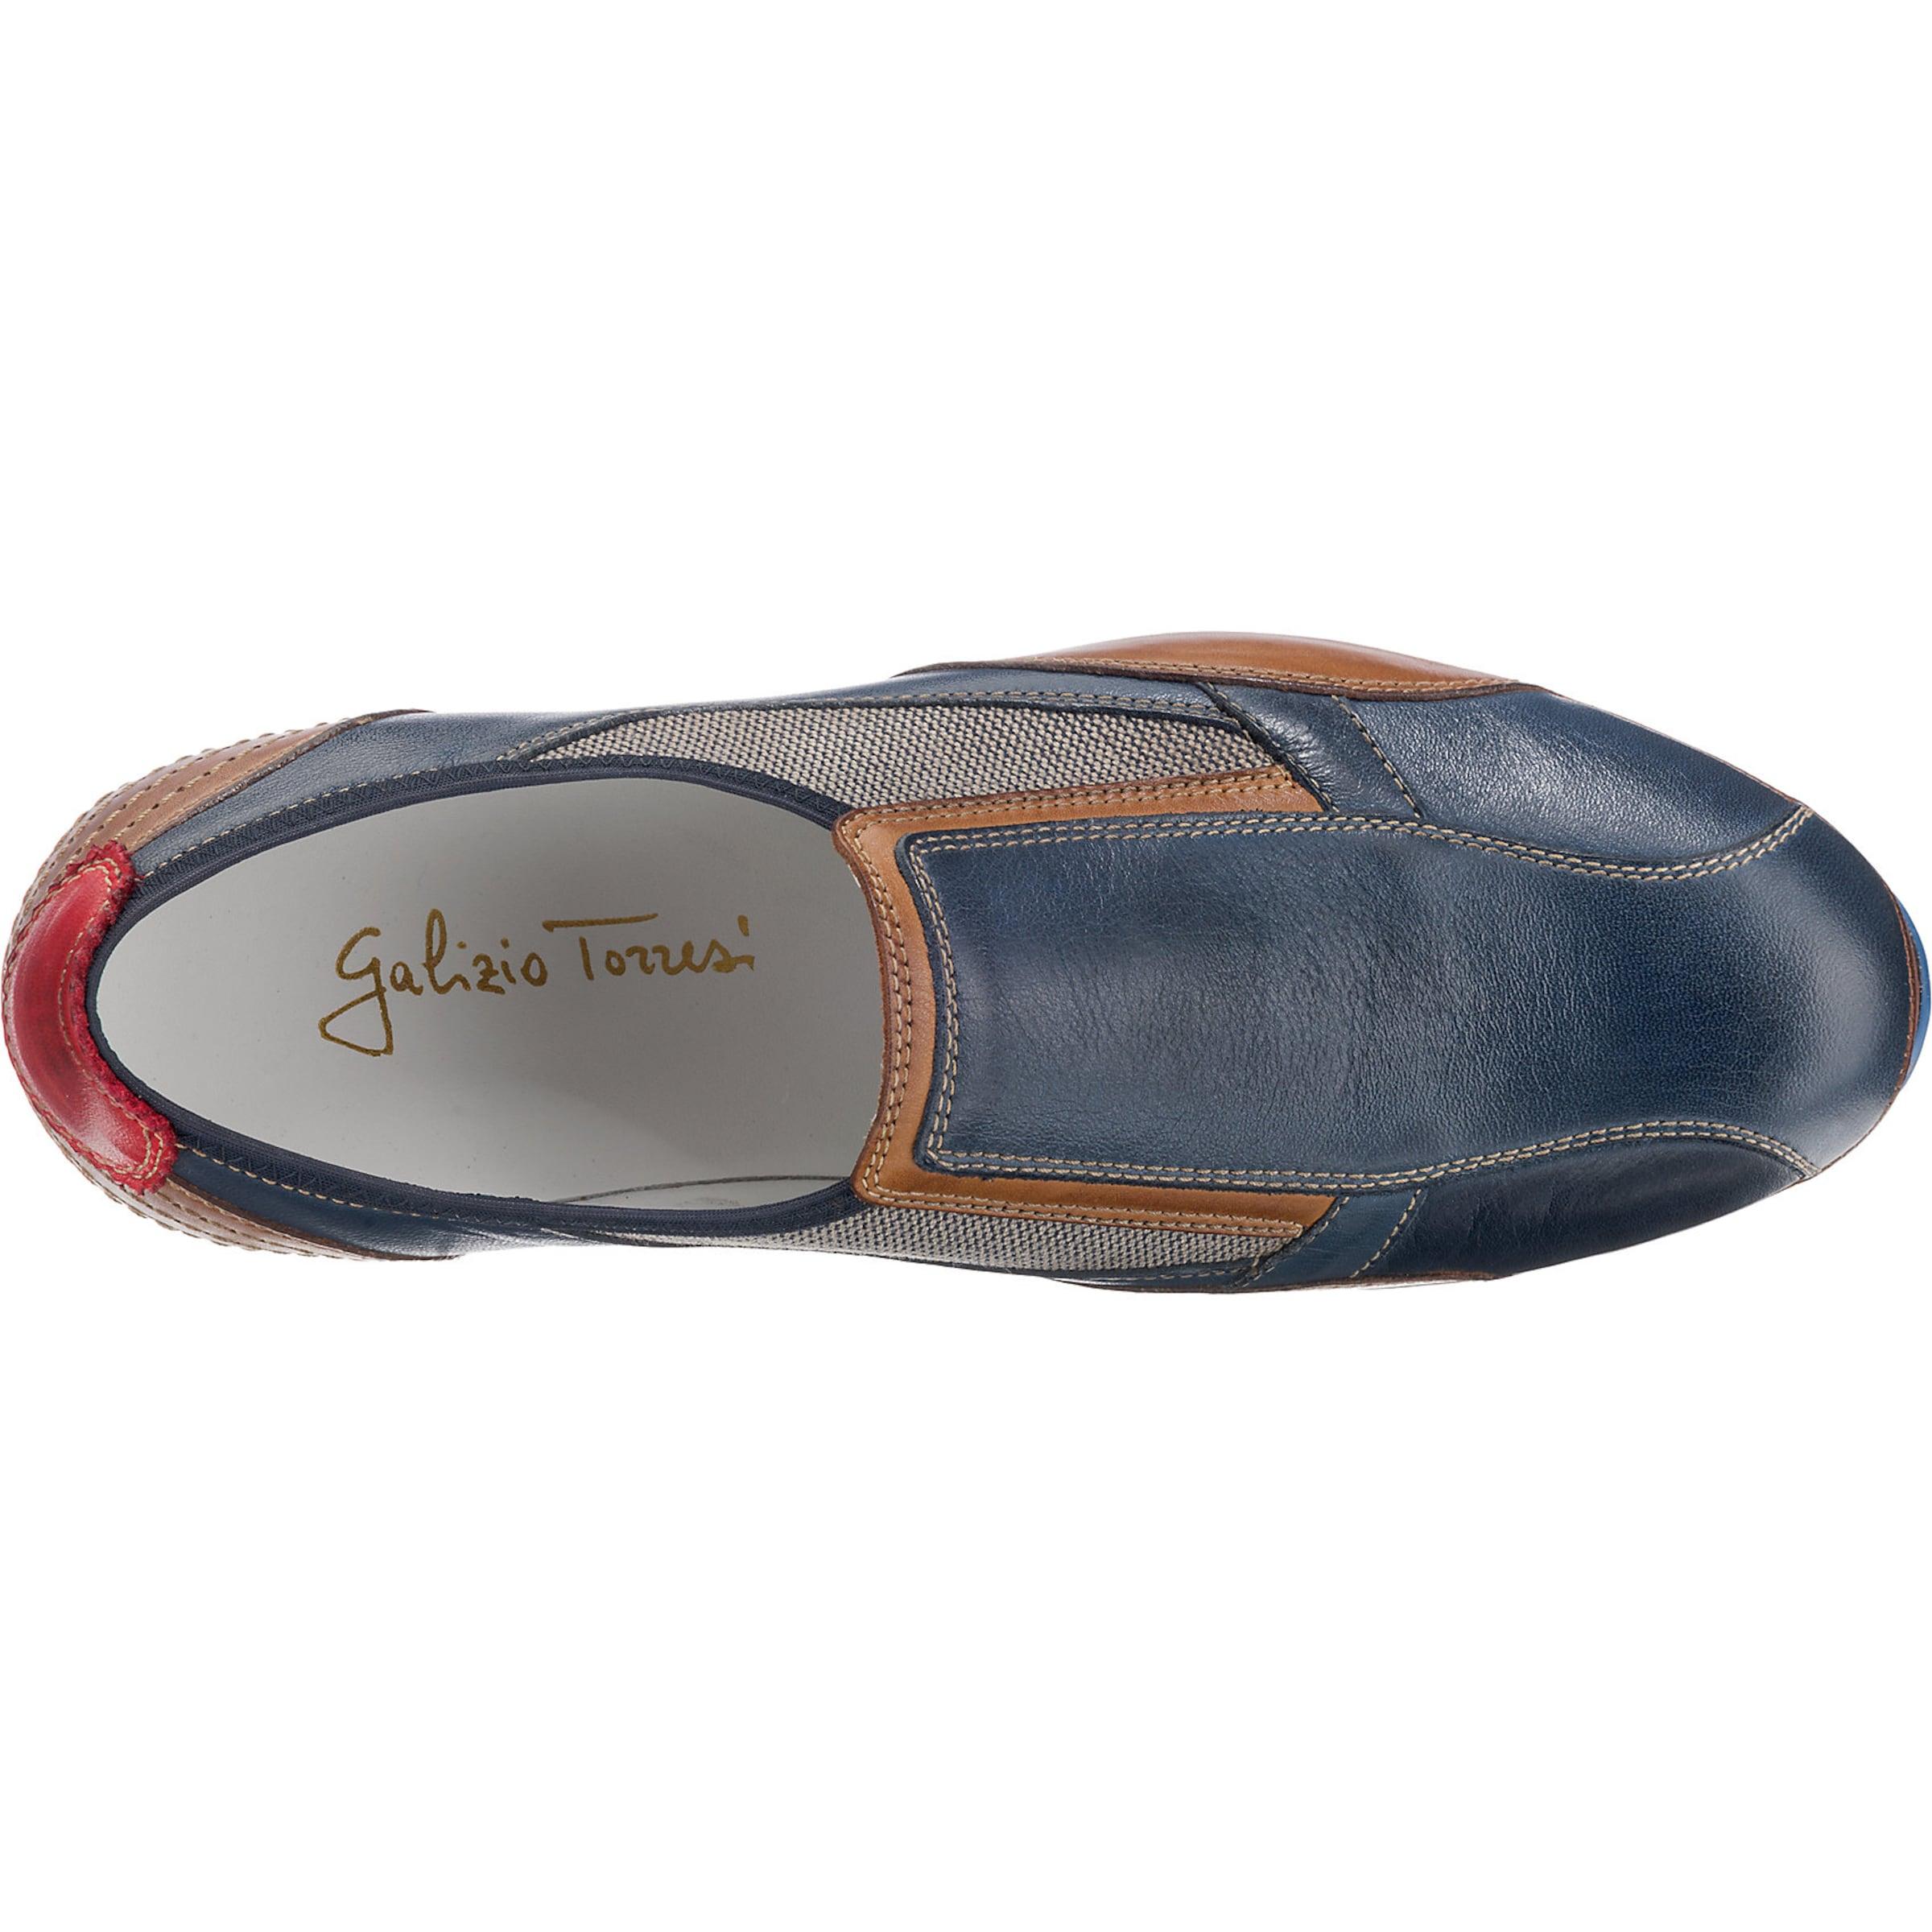 Galizio Galizio Galizio Torresi Slipper 'Amalfi Leder, Textil Wilde Freizeitschuhe b6c88e